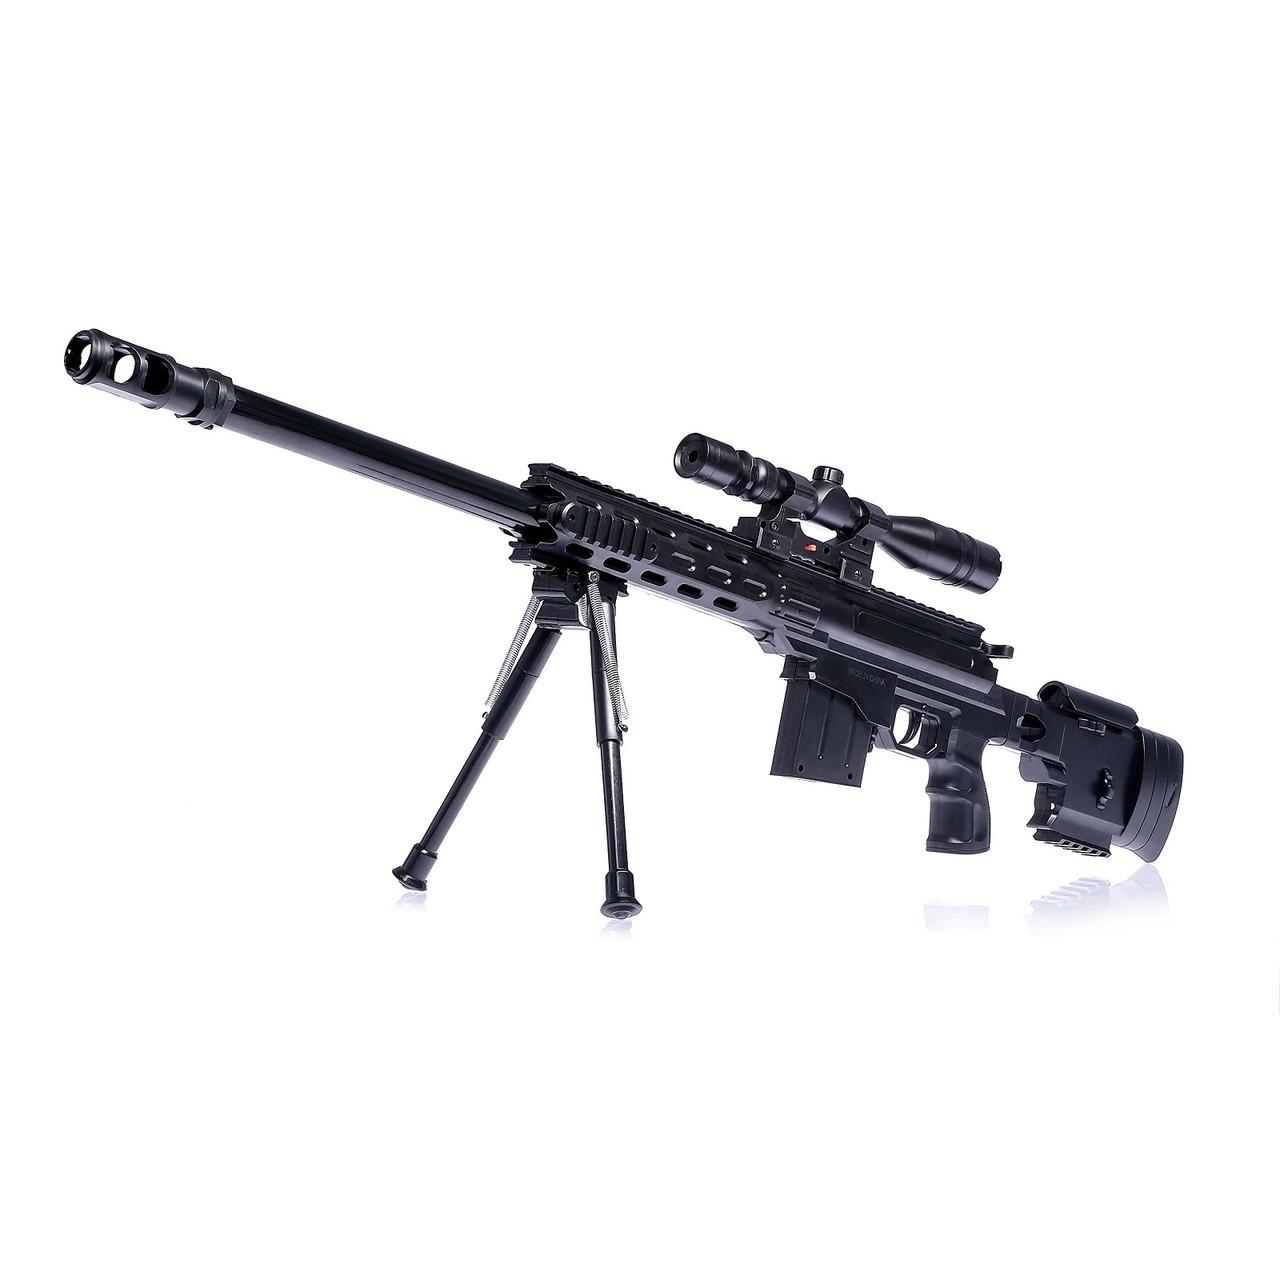 Игрушечная пневматическая снайперская винтовка Cross Fire M5899 96см с лазерным прицелом